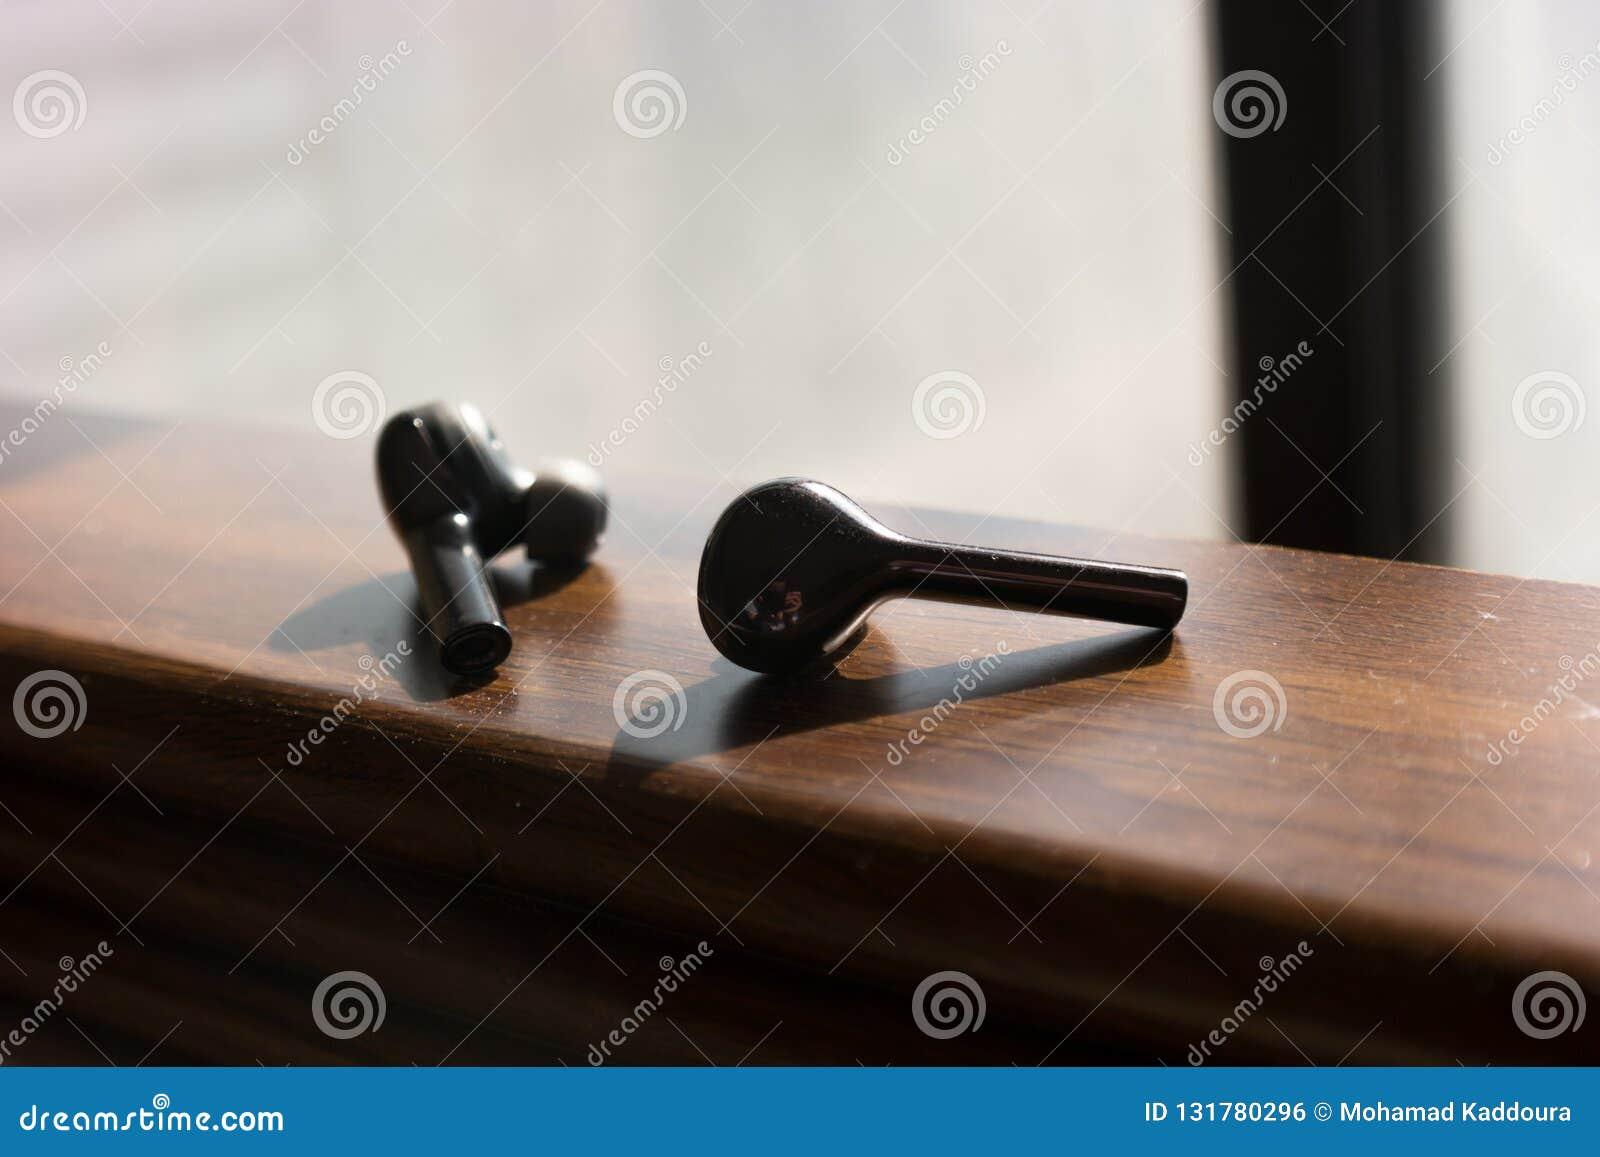 Ασύρματα μαύρα earbuds σε μια ξύλινη σύσταση